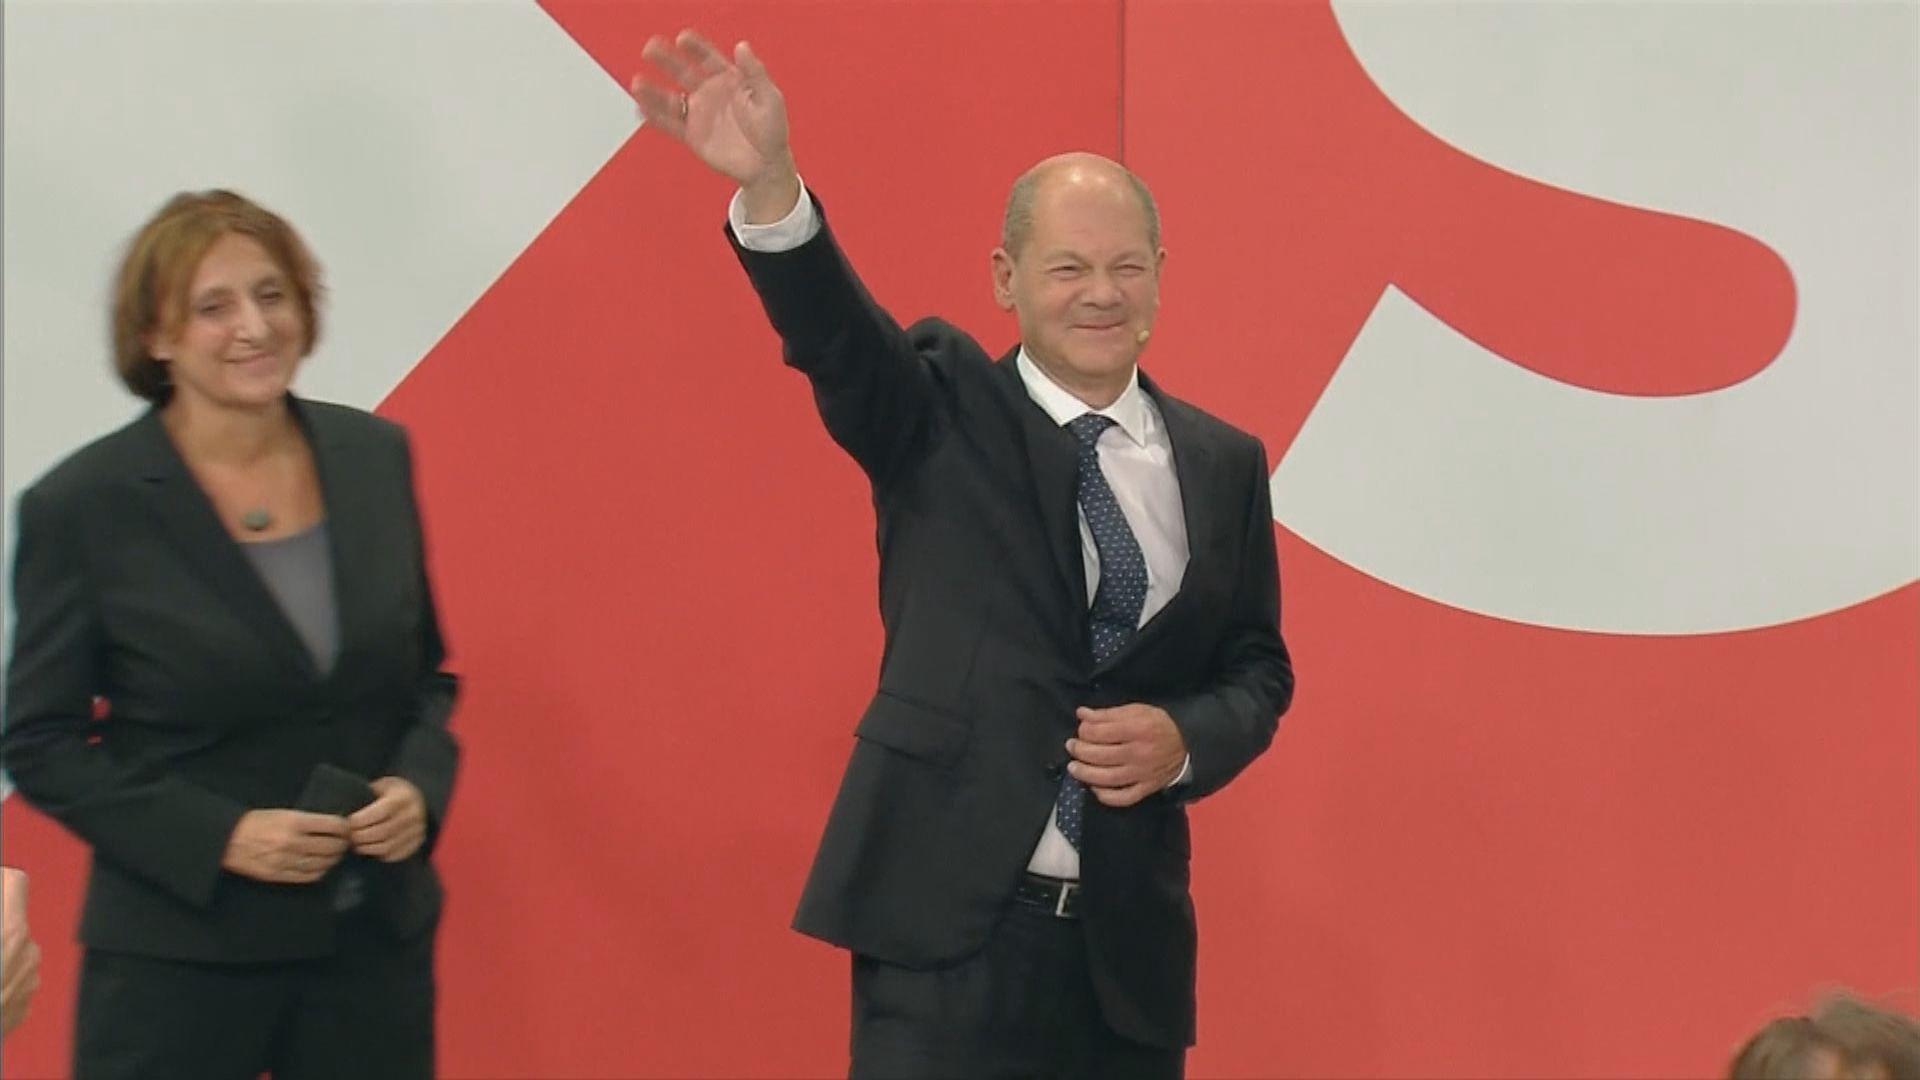 德國大選票站調查顯示社民黨與基民盟得票率相若